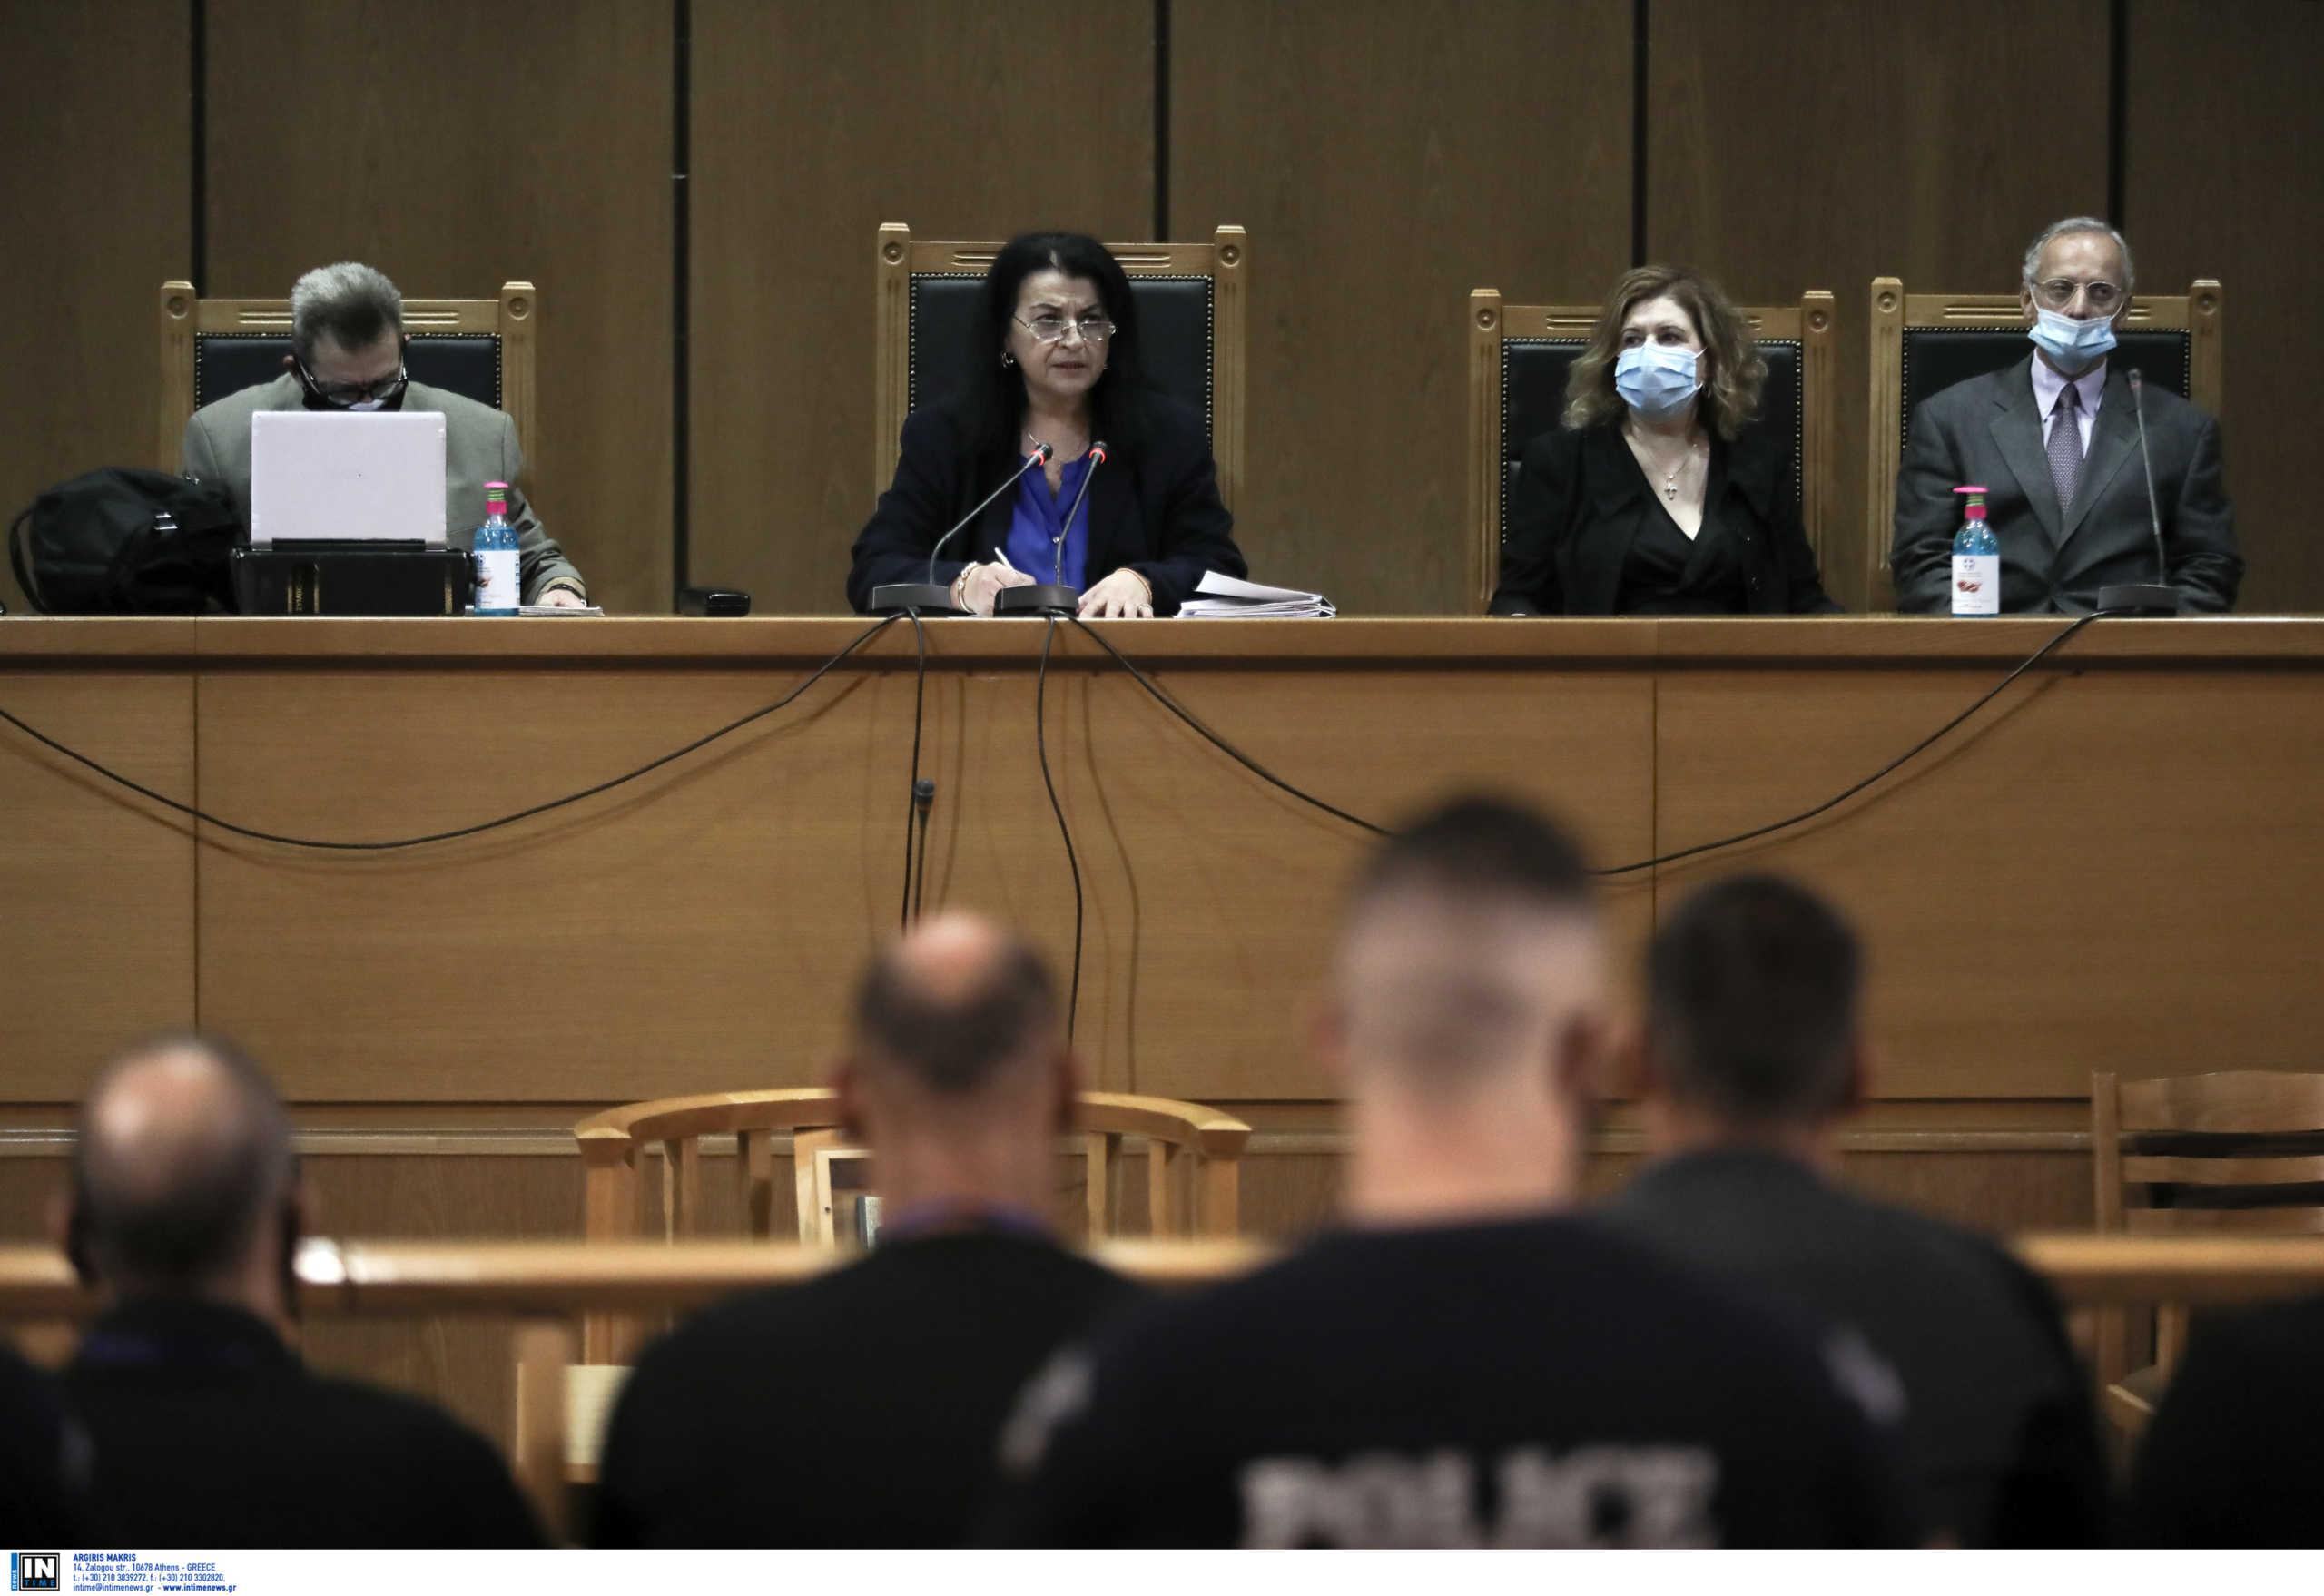 Δίκη Χρυσής Αυγής: Συνεχίζεται το μεσημέρι της Πέμπτης – Εν αναμονή της ανακοίνωσης των ποινών